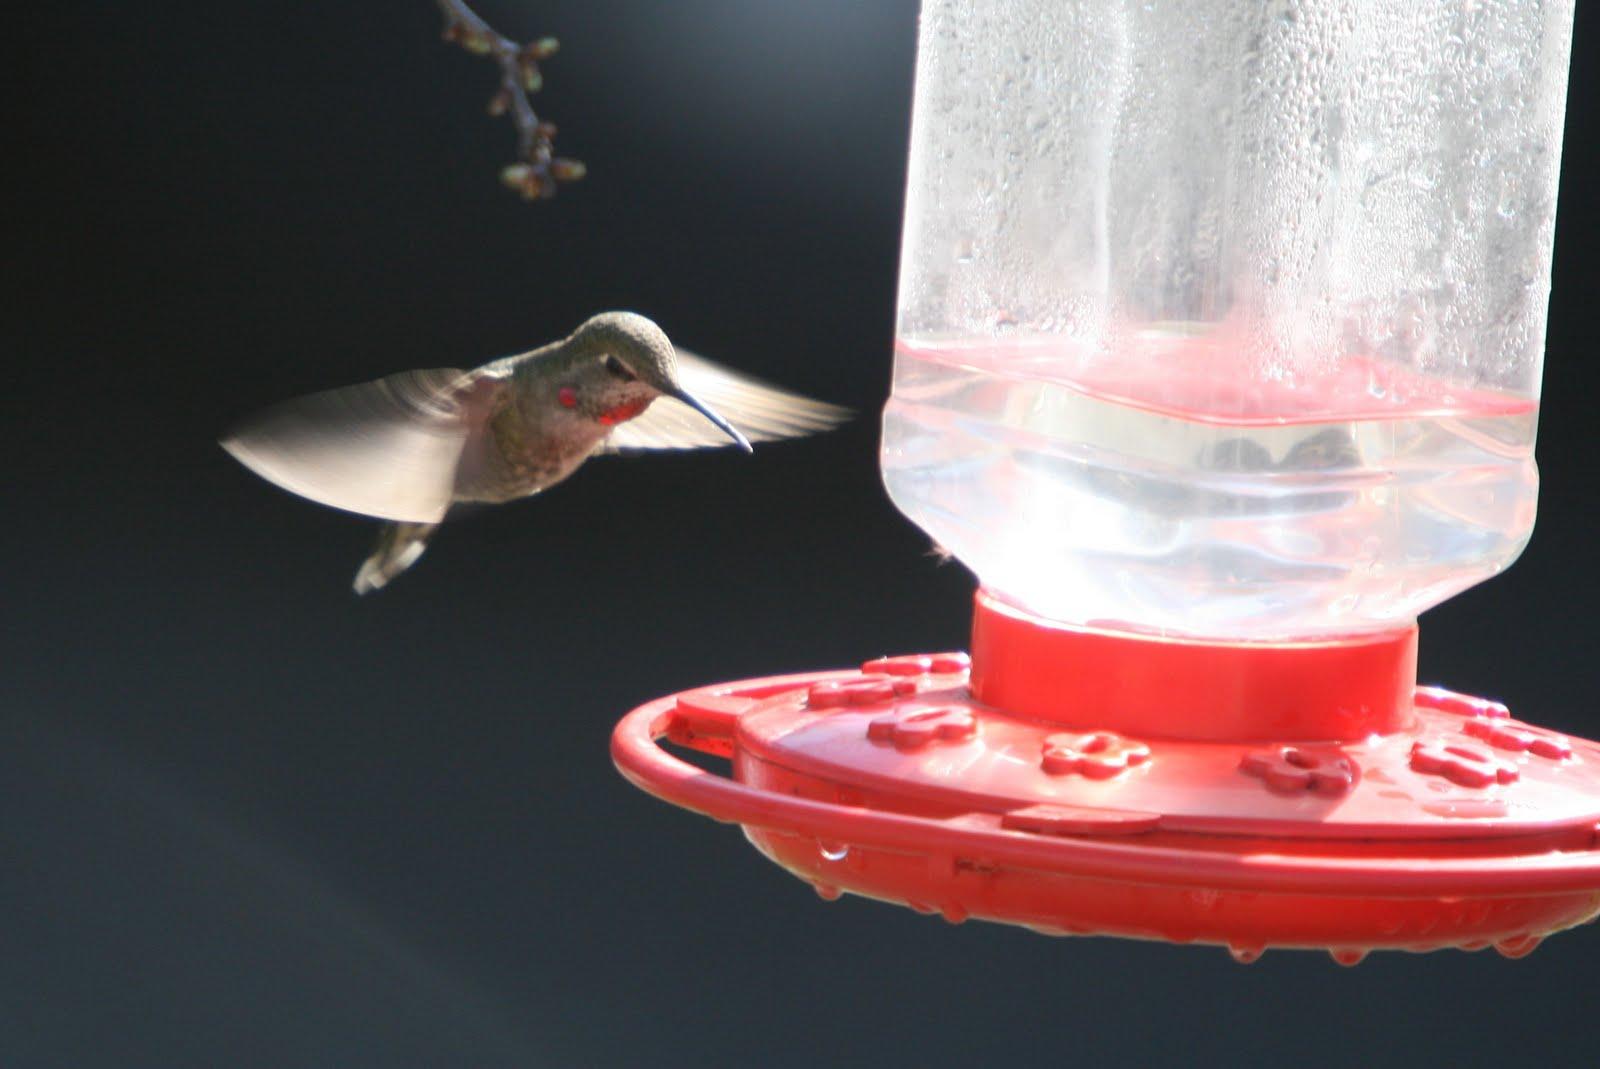 http://3.bp.blogspot.com/-FNvaLO2ts2w/Ta8fcbsjDVI/AAAAAAAAADI/-6PE29pCoAU/s1600/hummingbird4.jpg